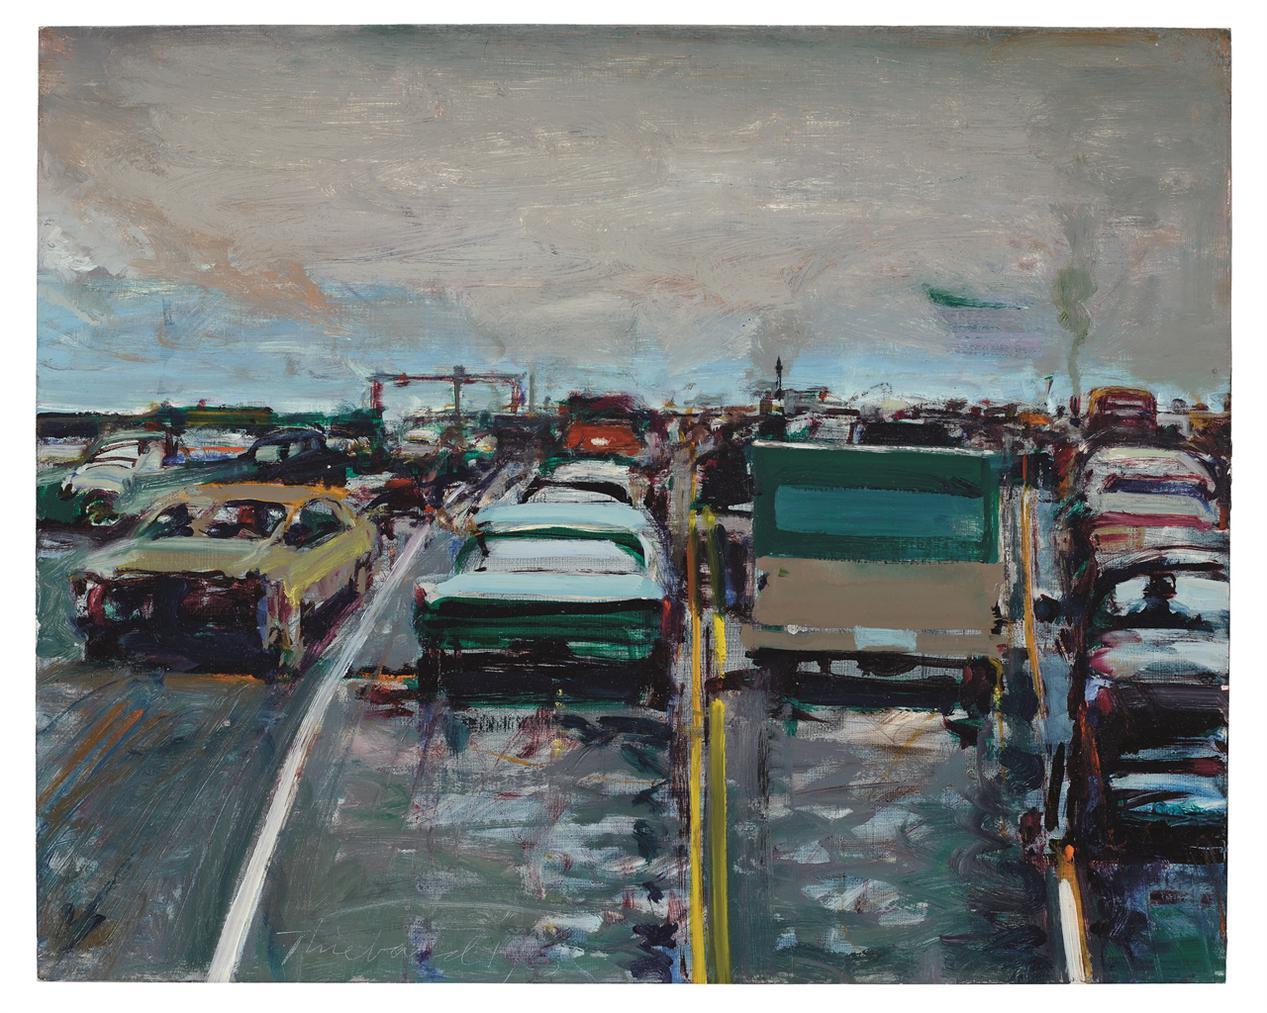 Wayne Thiebaud-Freeway Traffic-1983